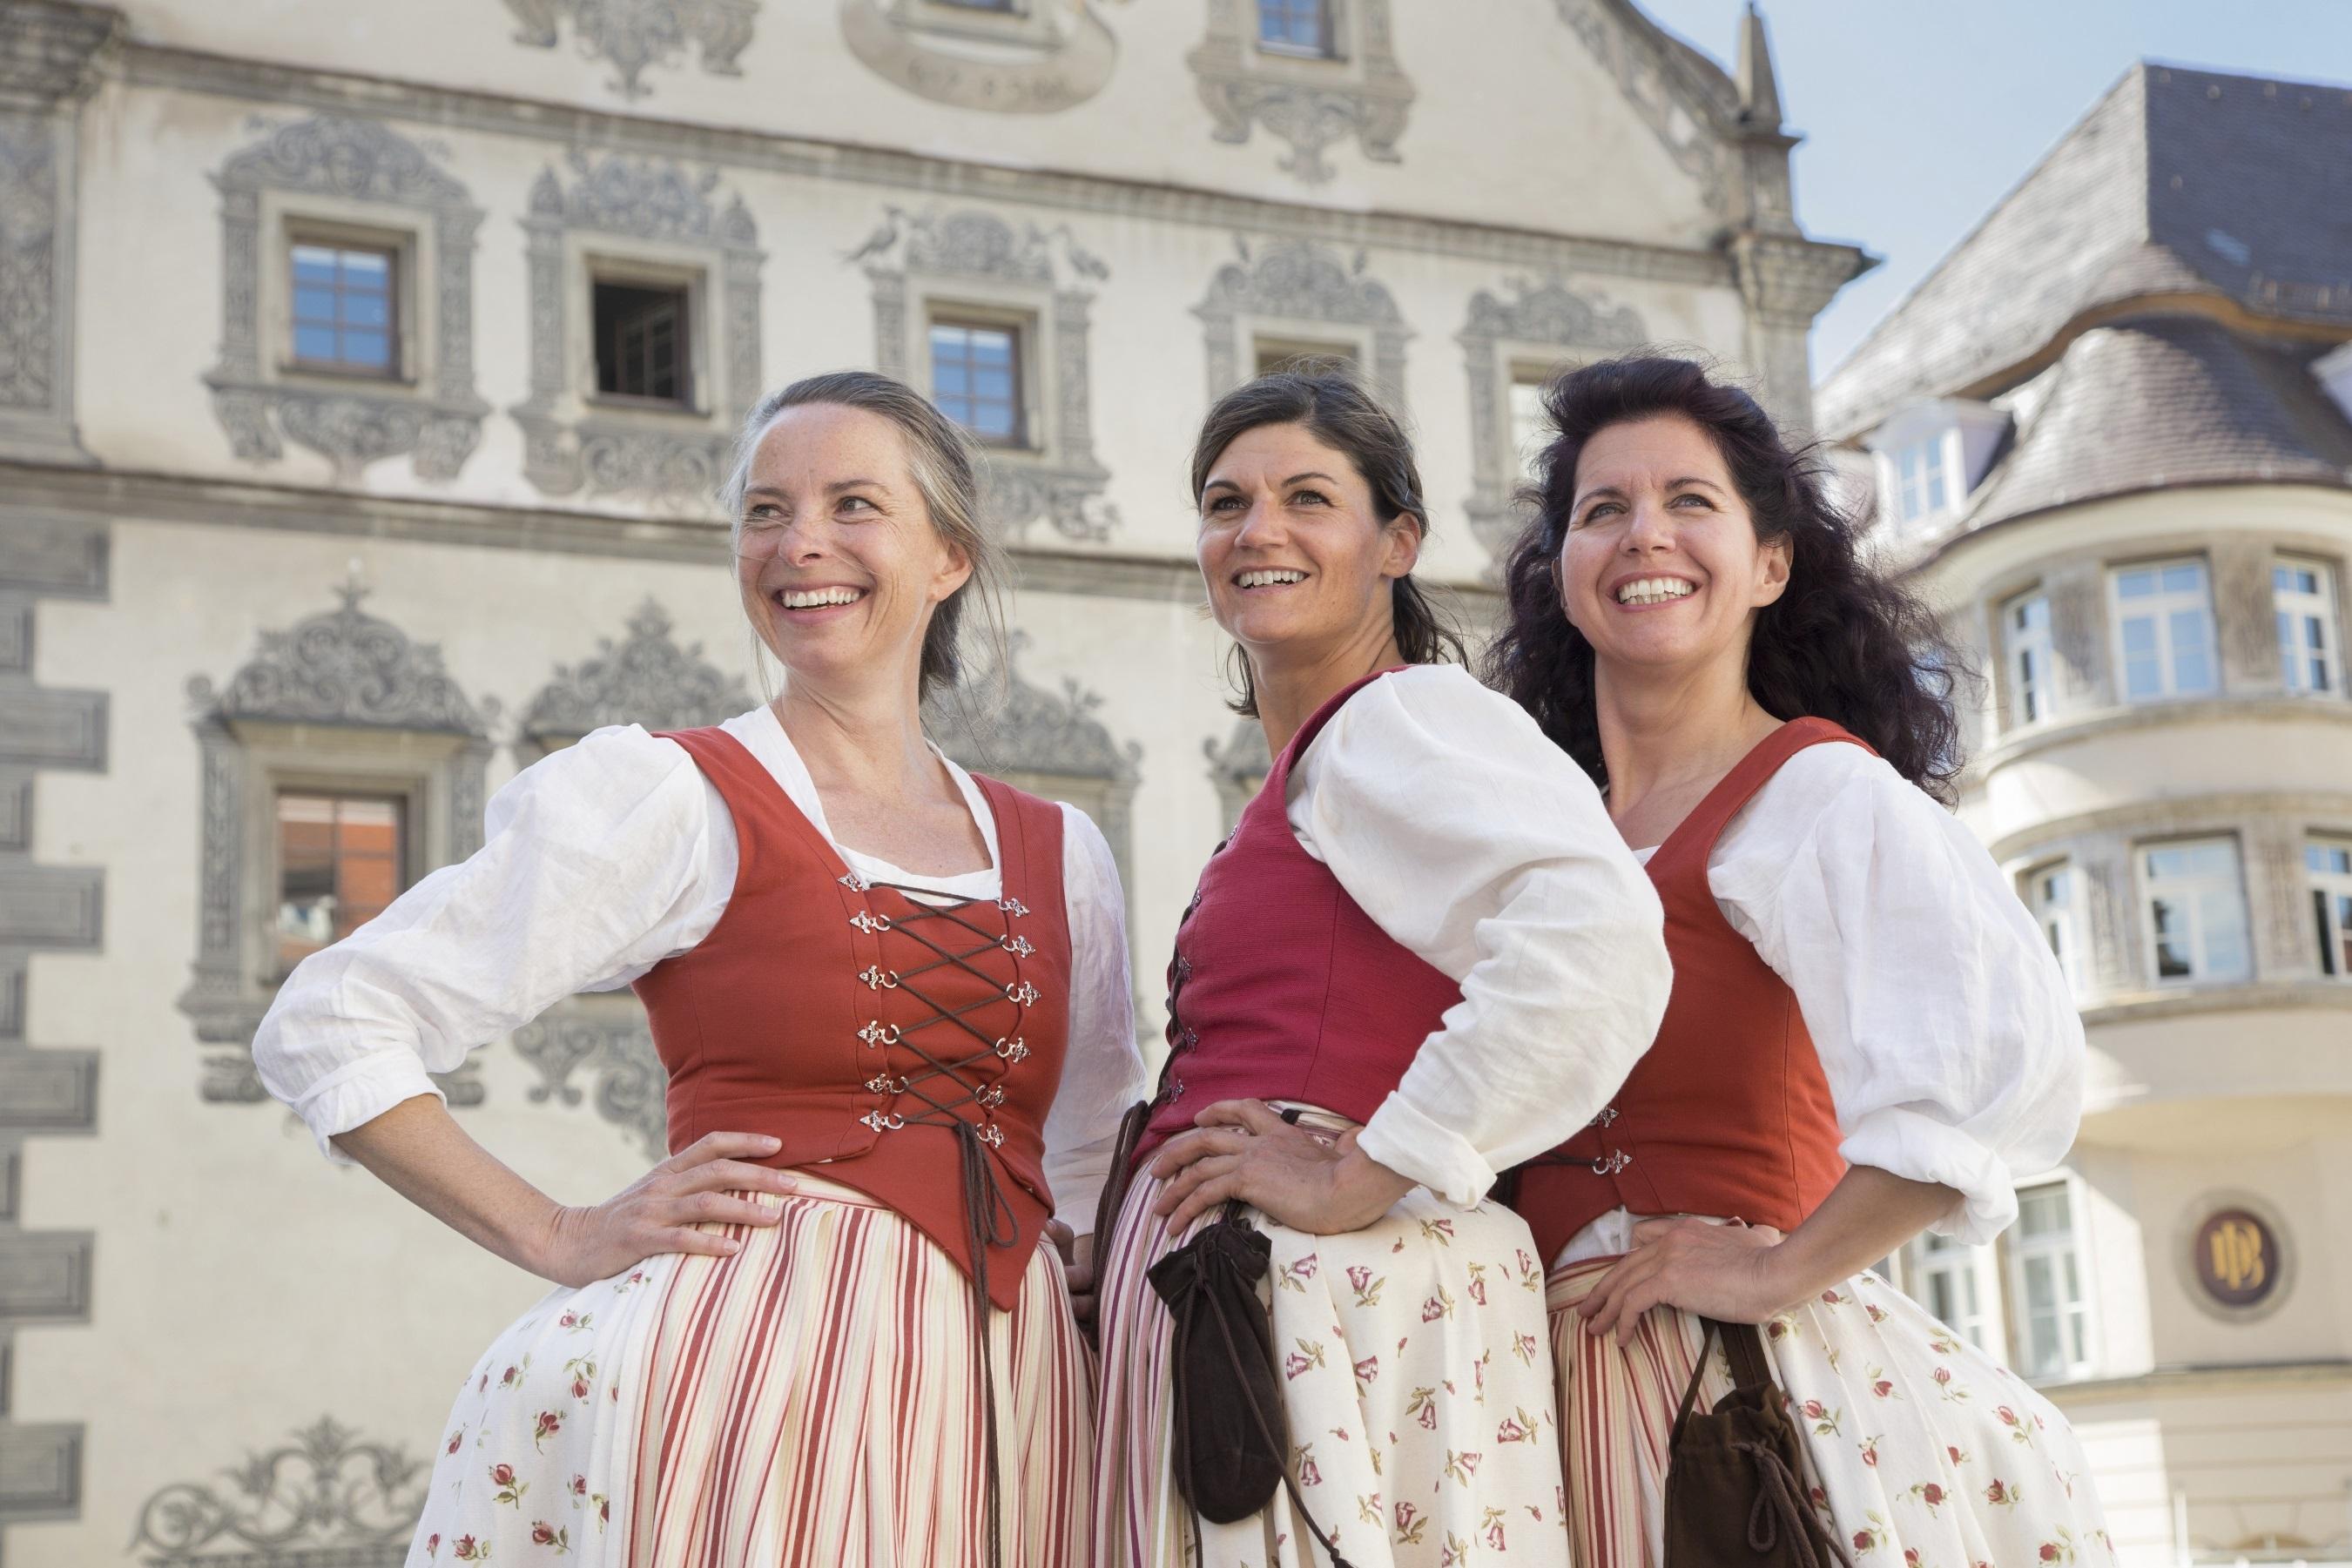 Stadtführung mit der Türmerin in Ravensburg